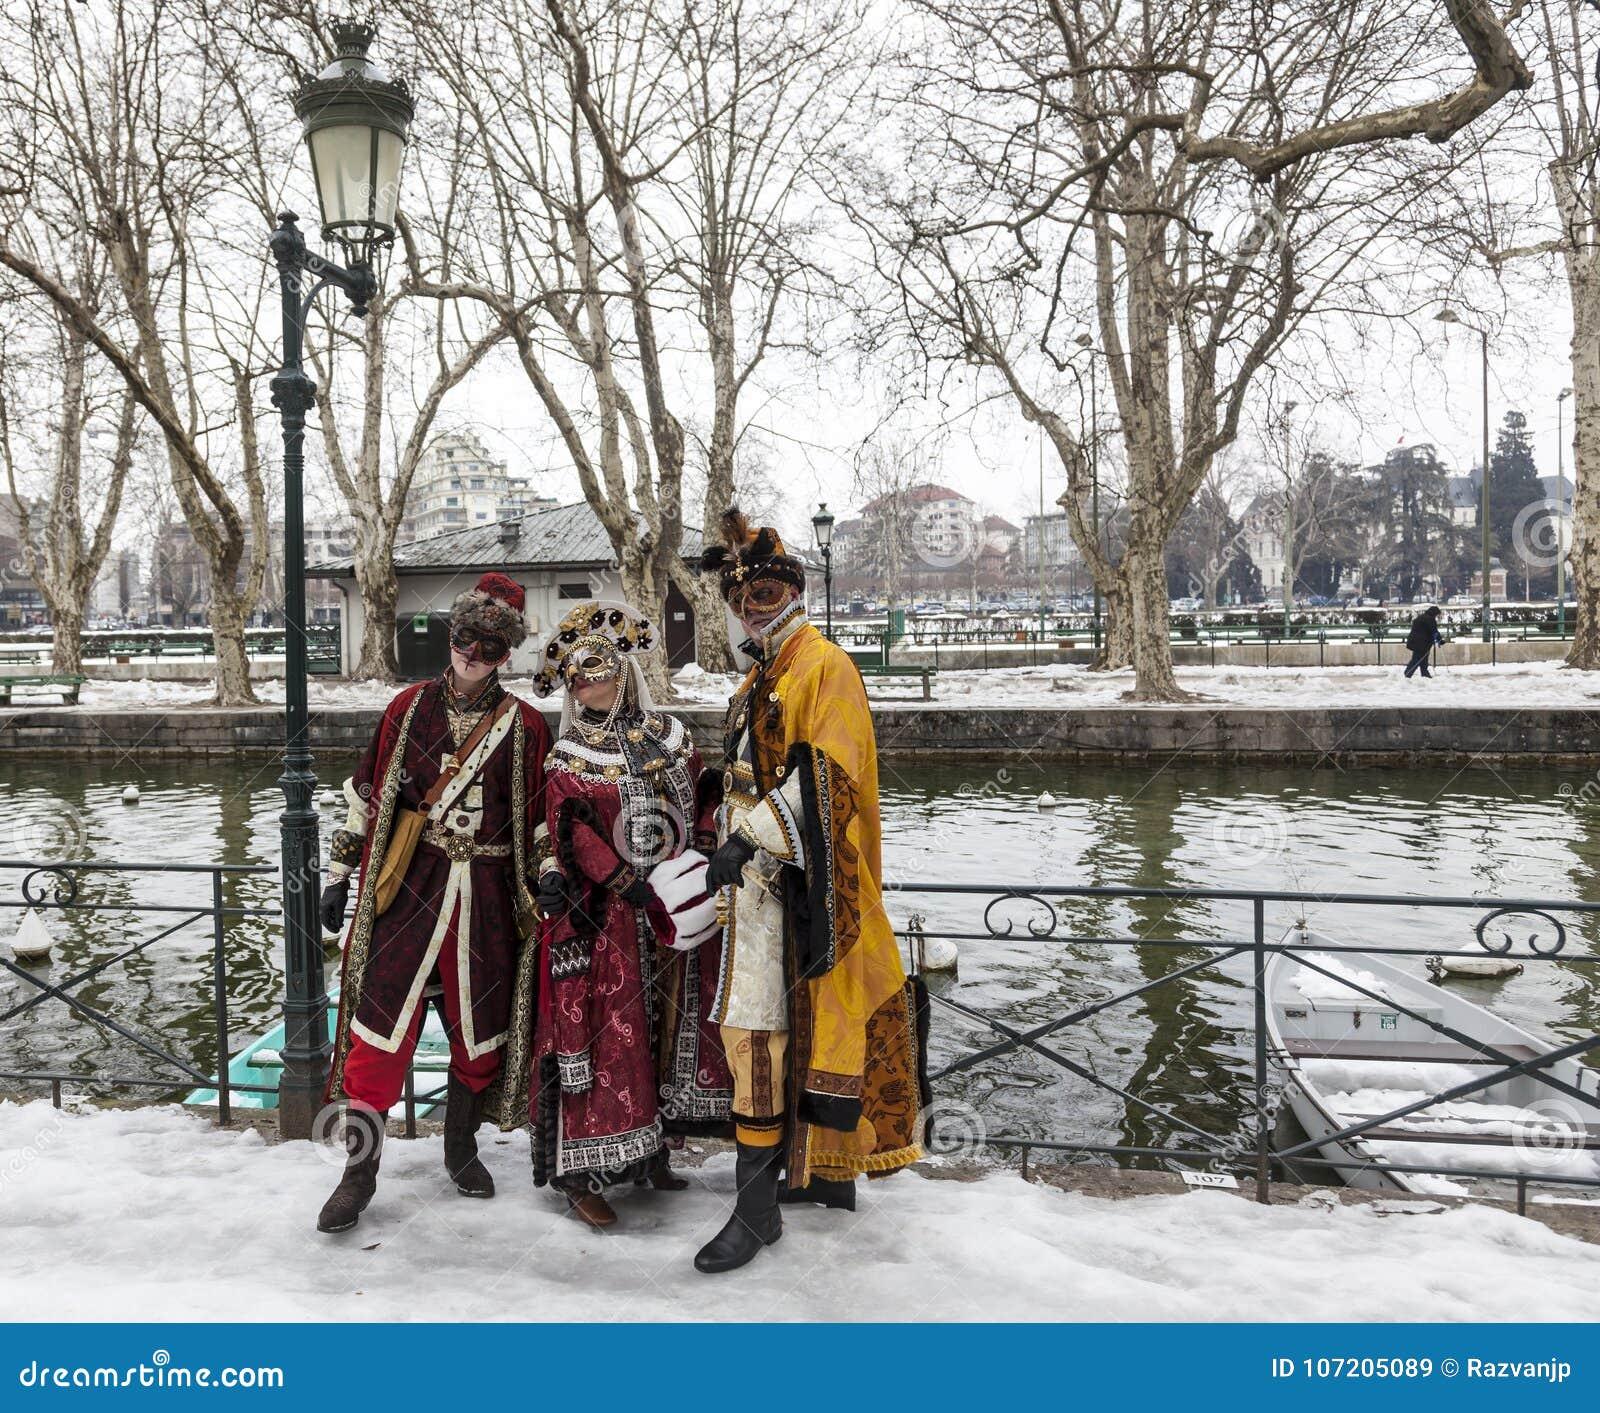 Förklädd grupp - Annecy Venetian karneval 2013